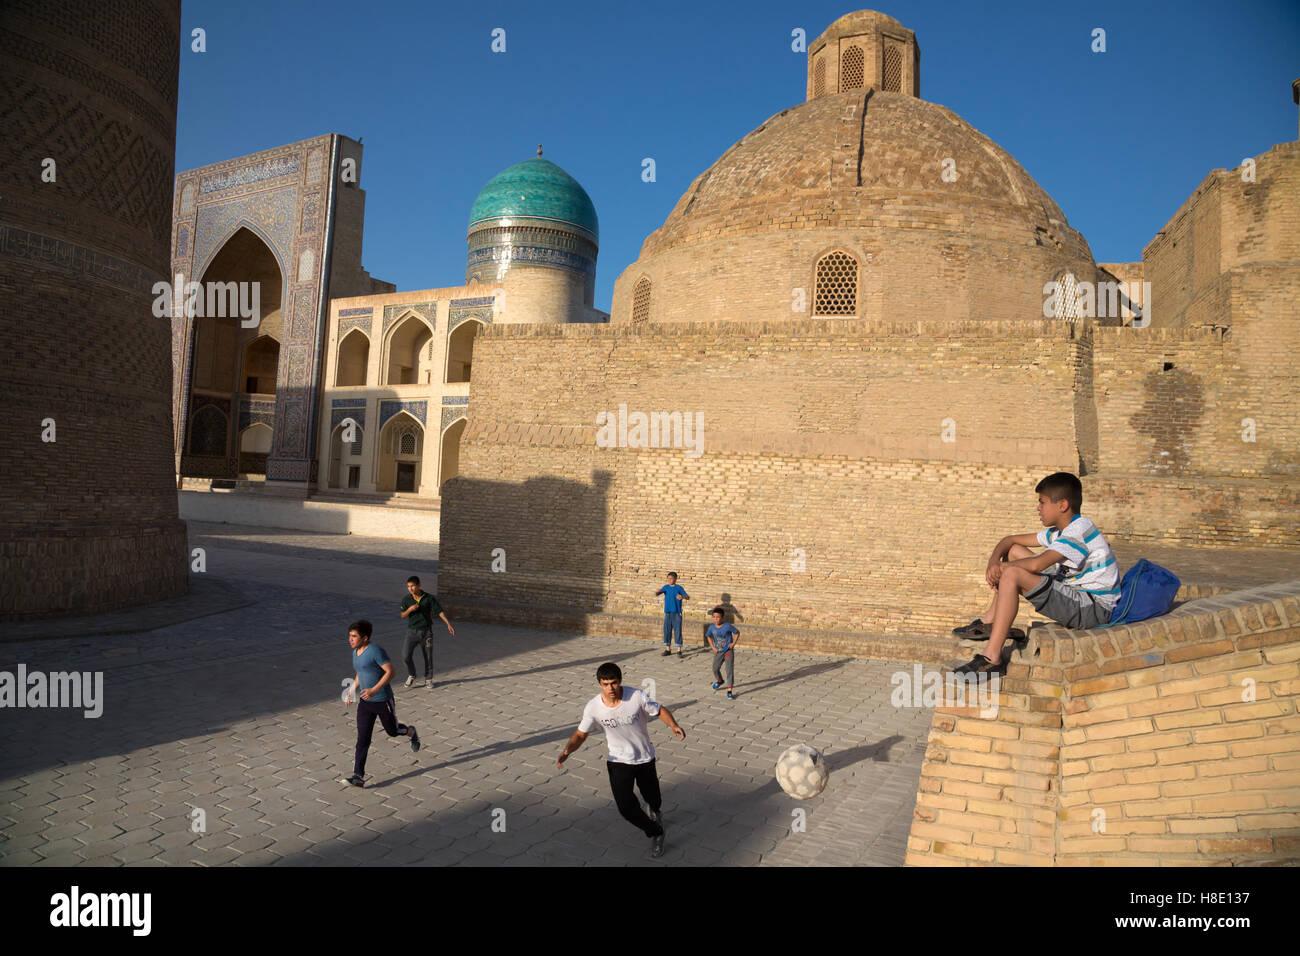 Gli adolescenti i bambini di giocare a calcio da tramonto nella città antica Bukhara - Uzbekistan - Foto di Immagini Stock